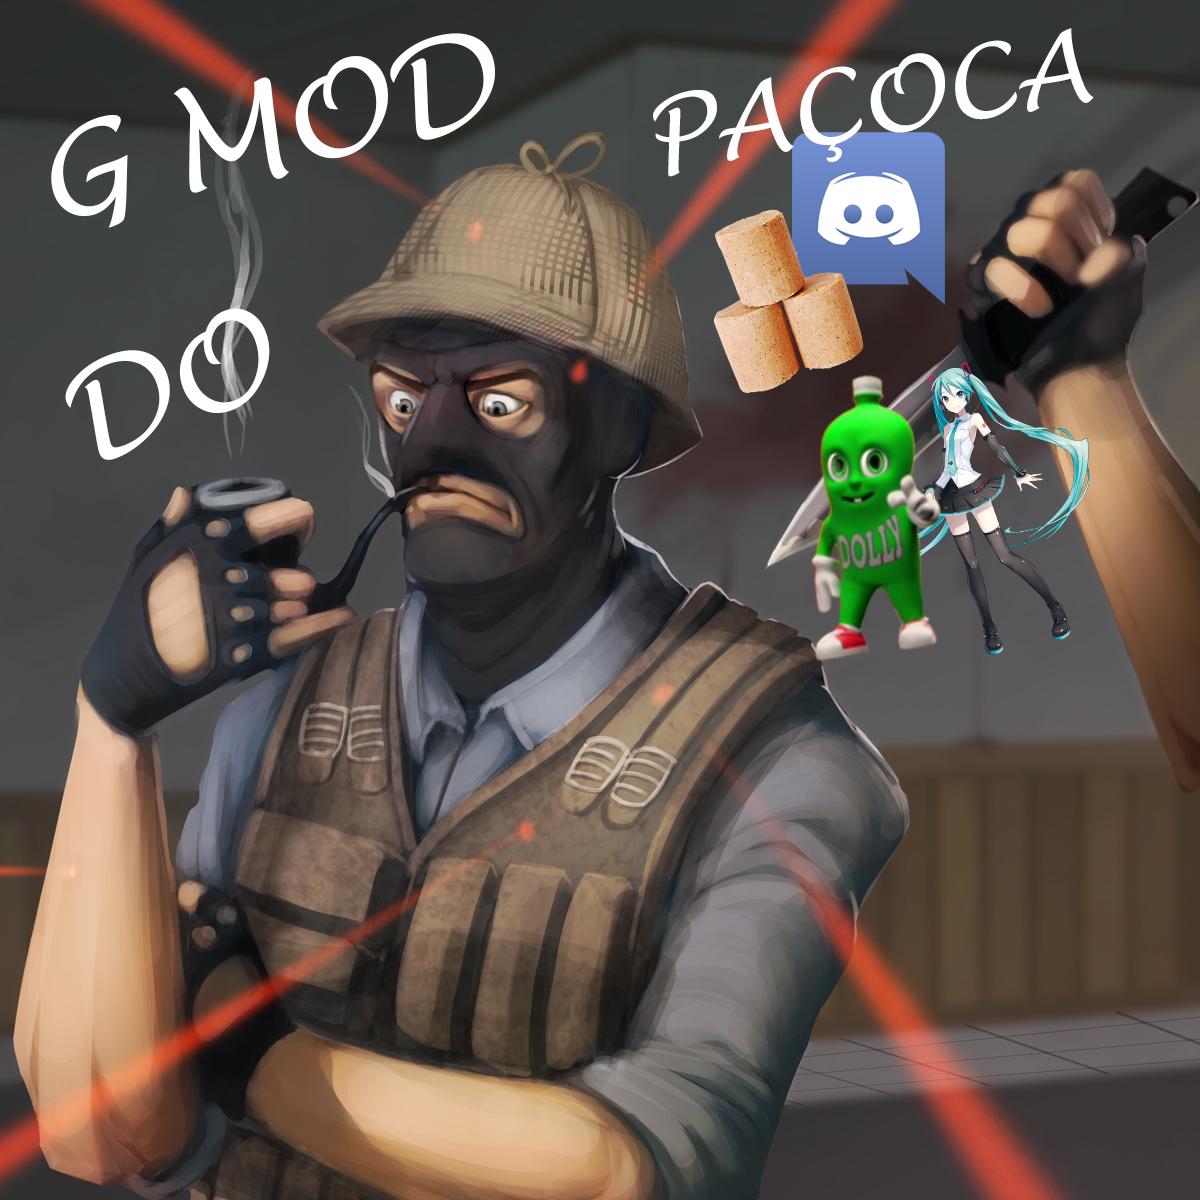 Steam Workshop :: Gmod do Paçoca (Skins)